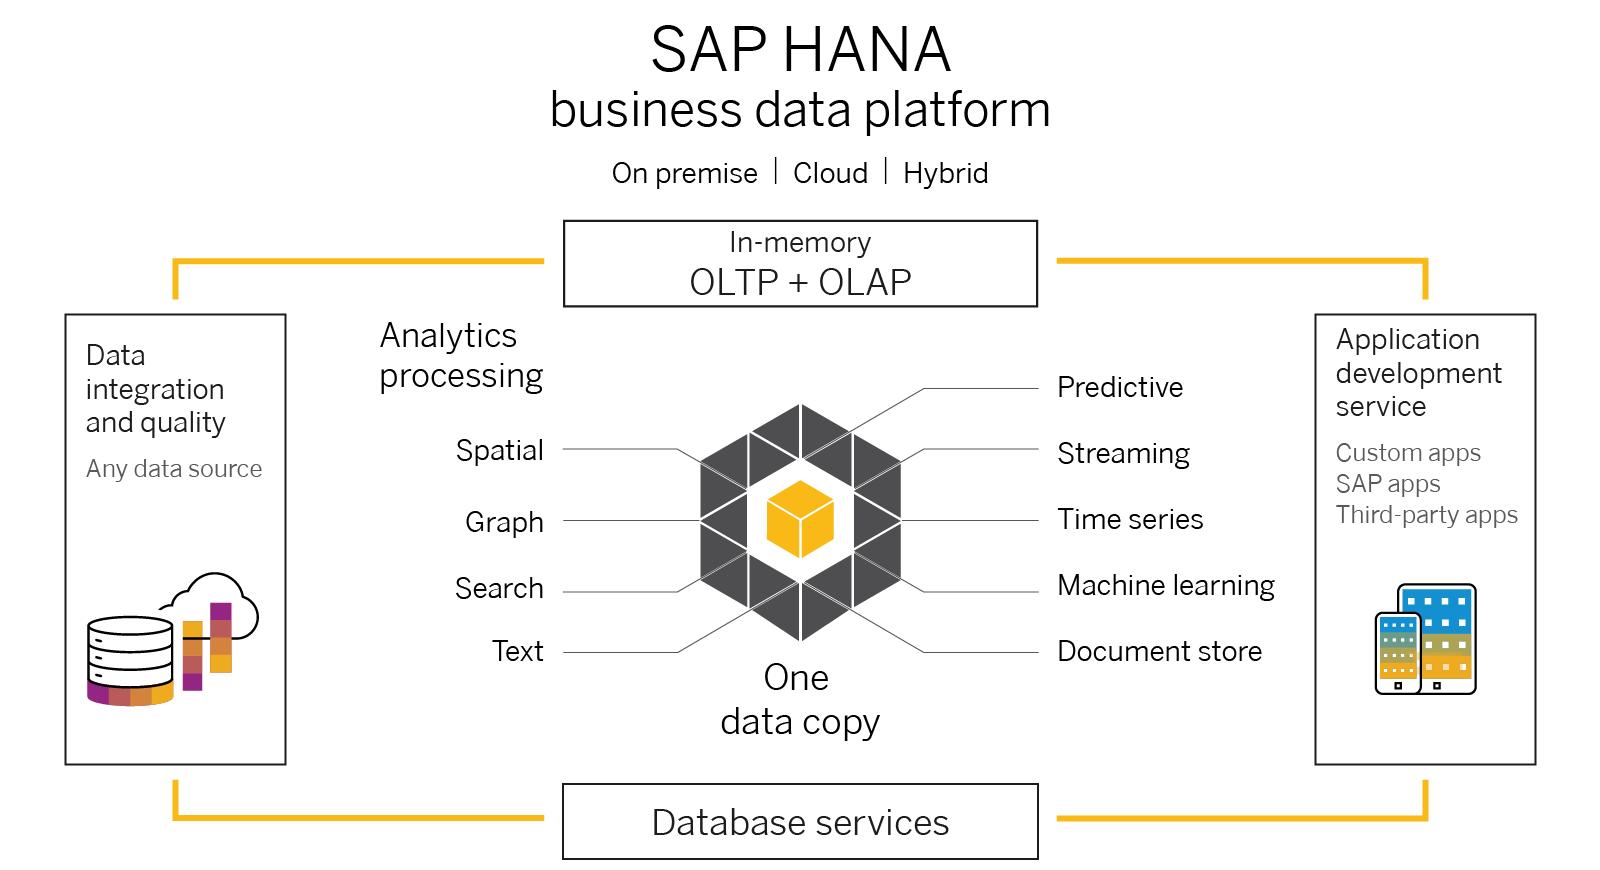 SAP Data Management Suite как комплекс для работы с Big Data в компаниях